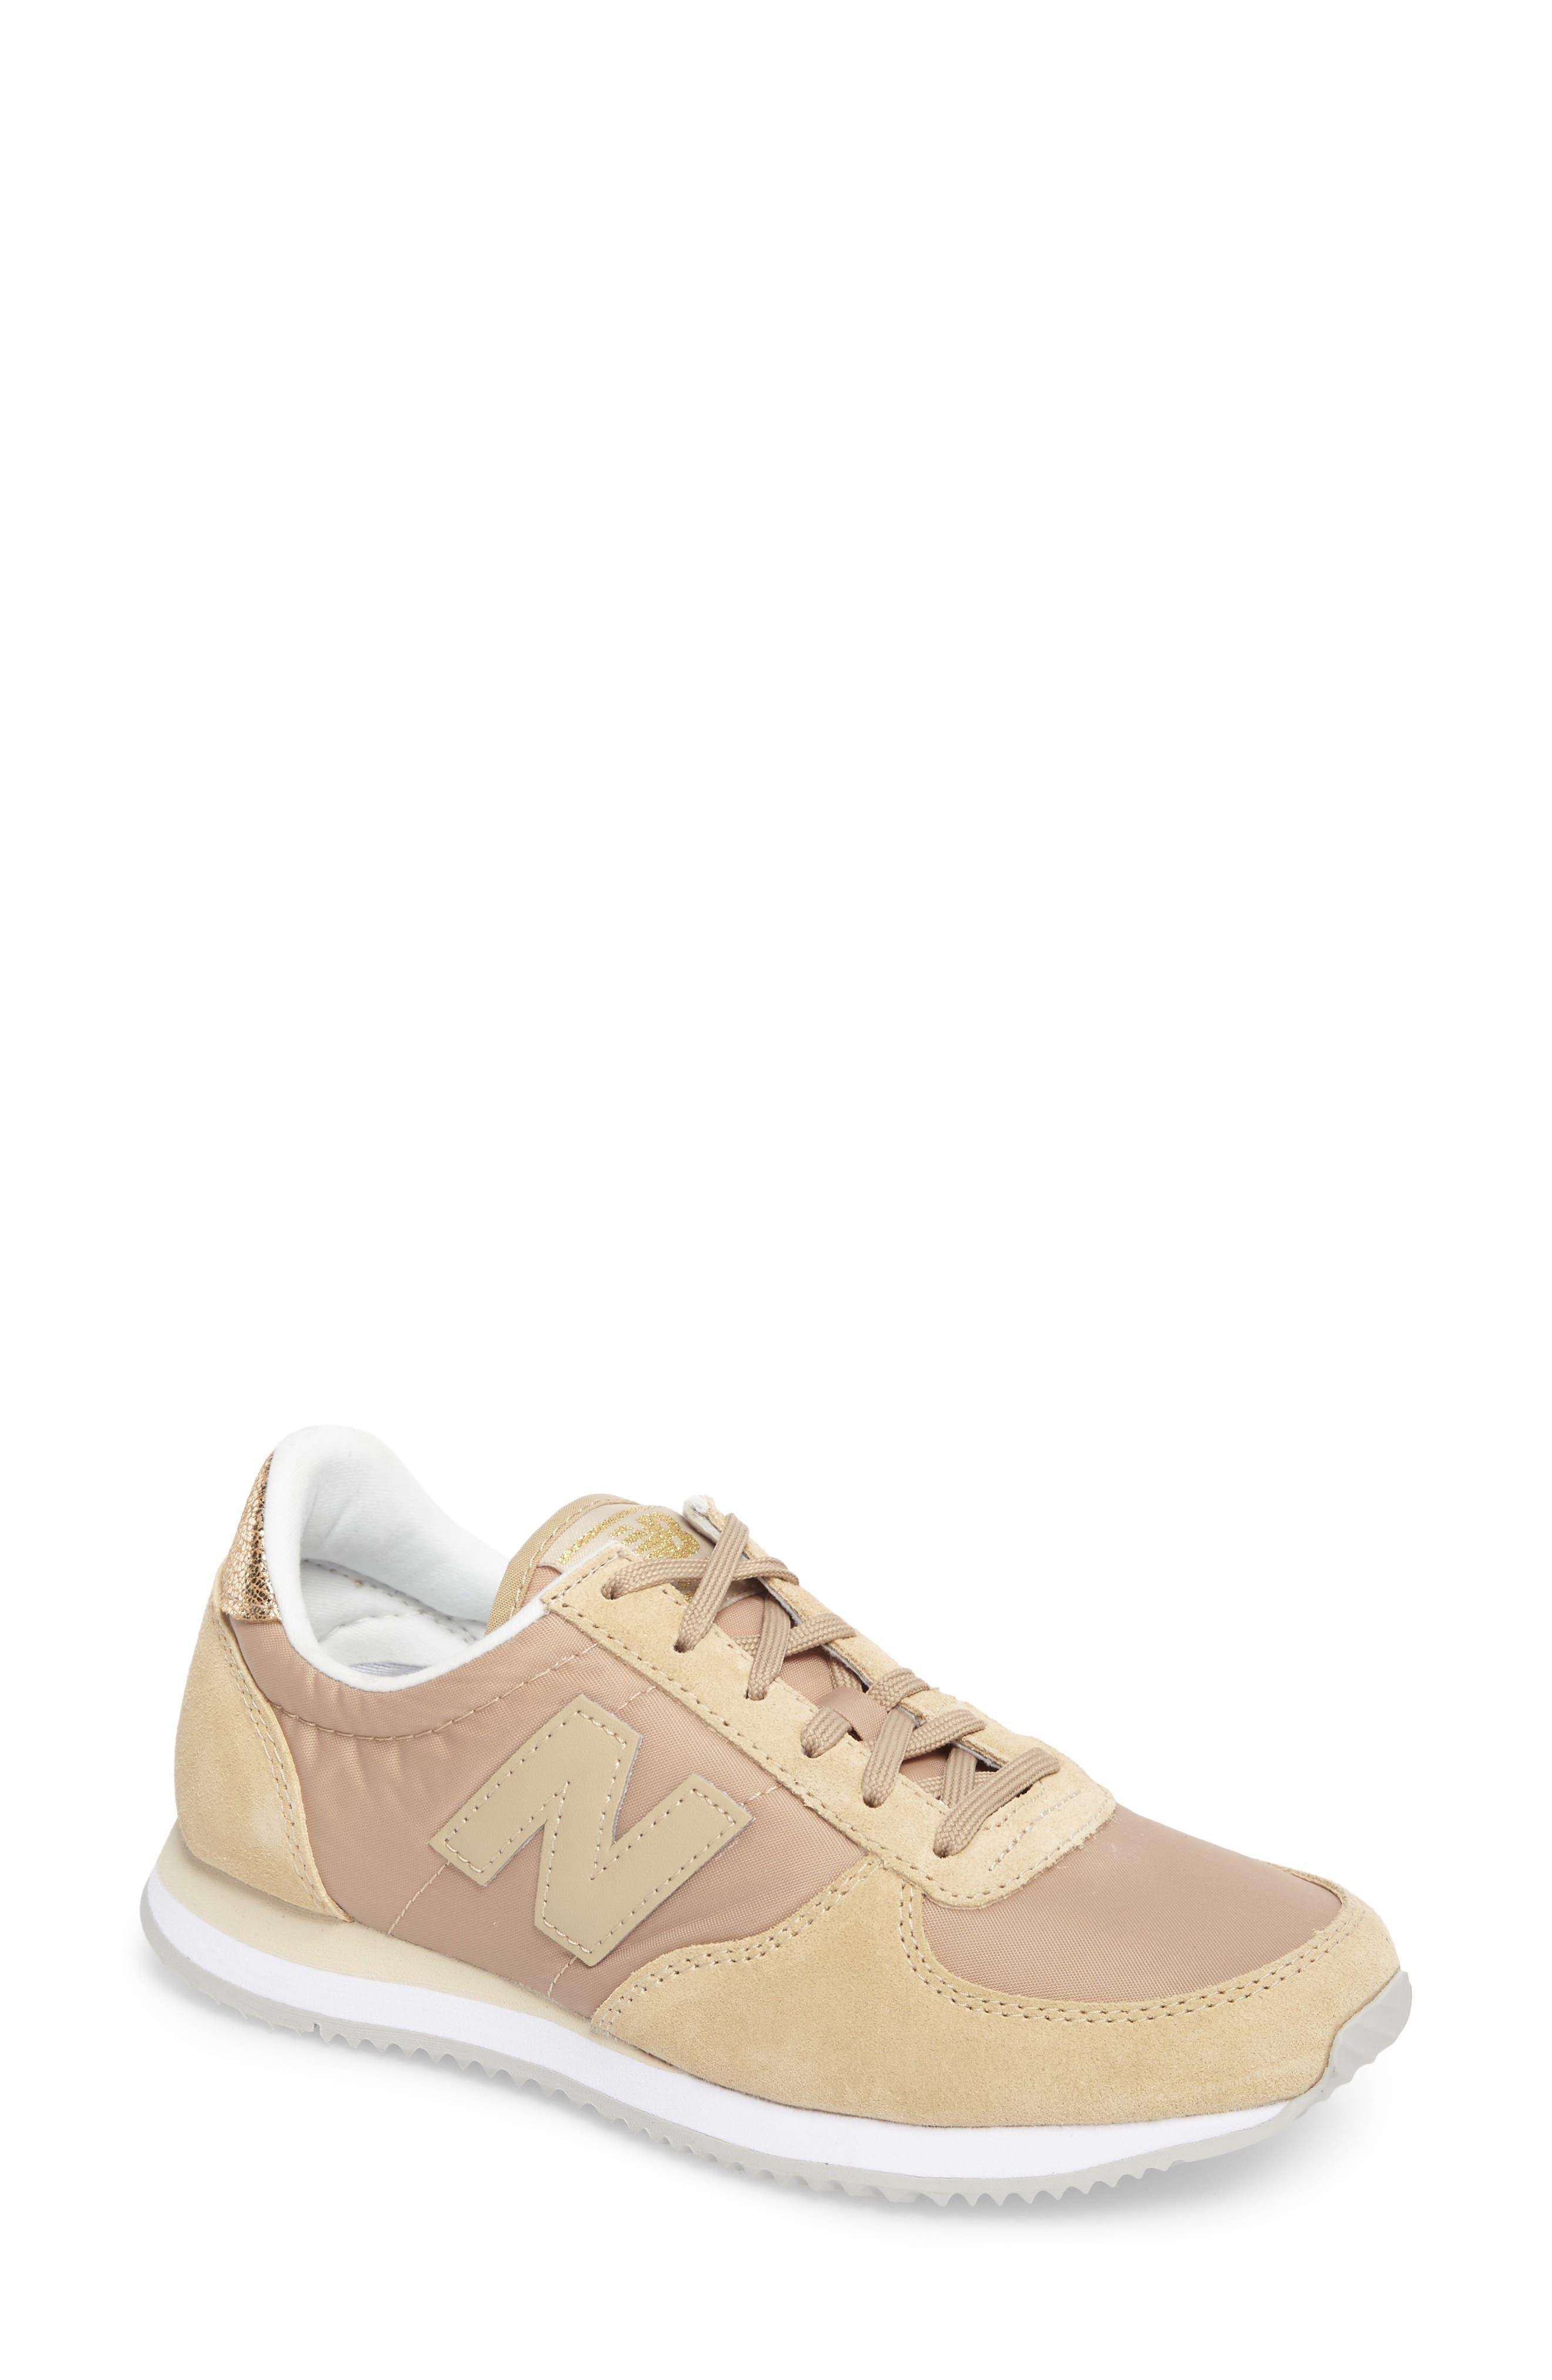 New Balance 220 Running Shoe (Women)